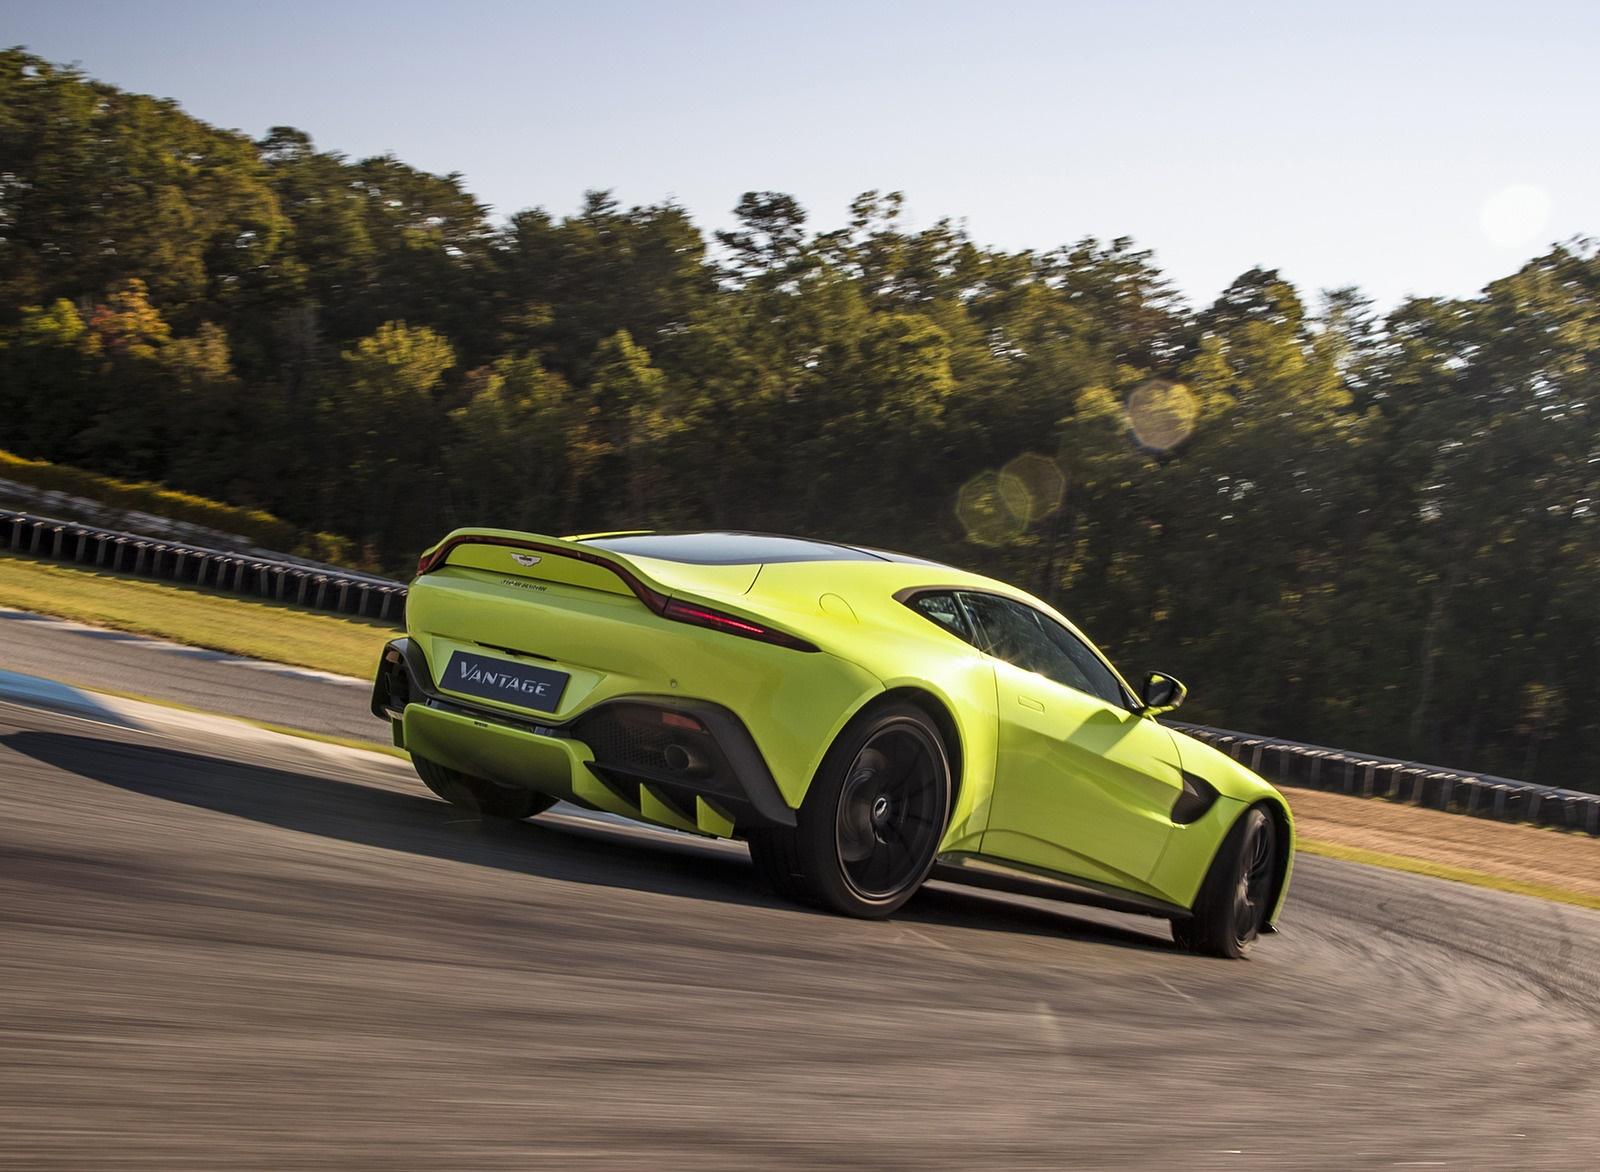 2019 Aston Martin Vantage Rear Three-Quarter Wallpapers (8)